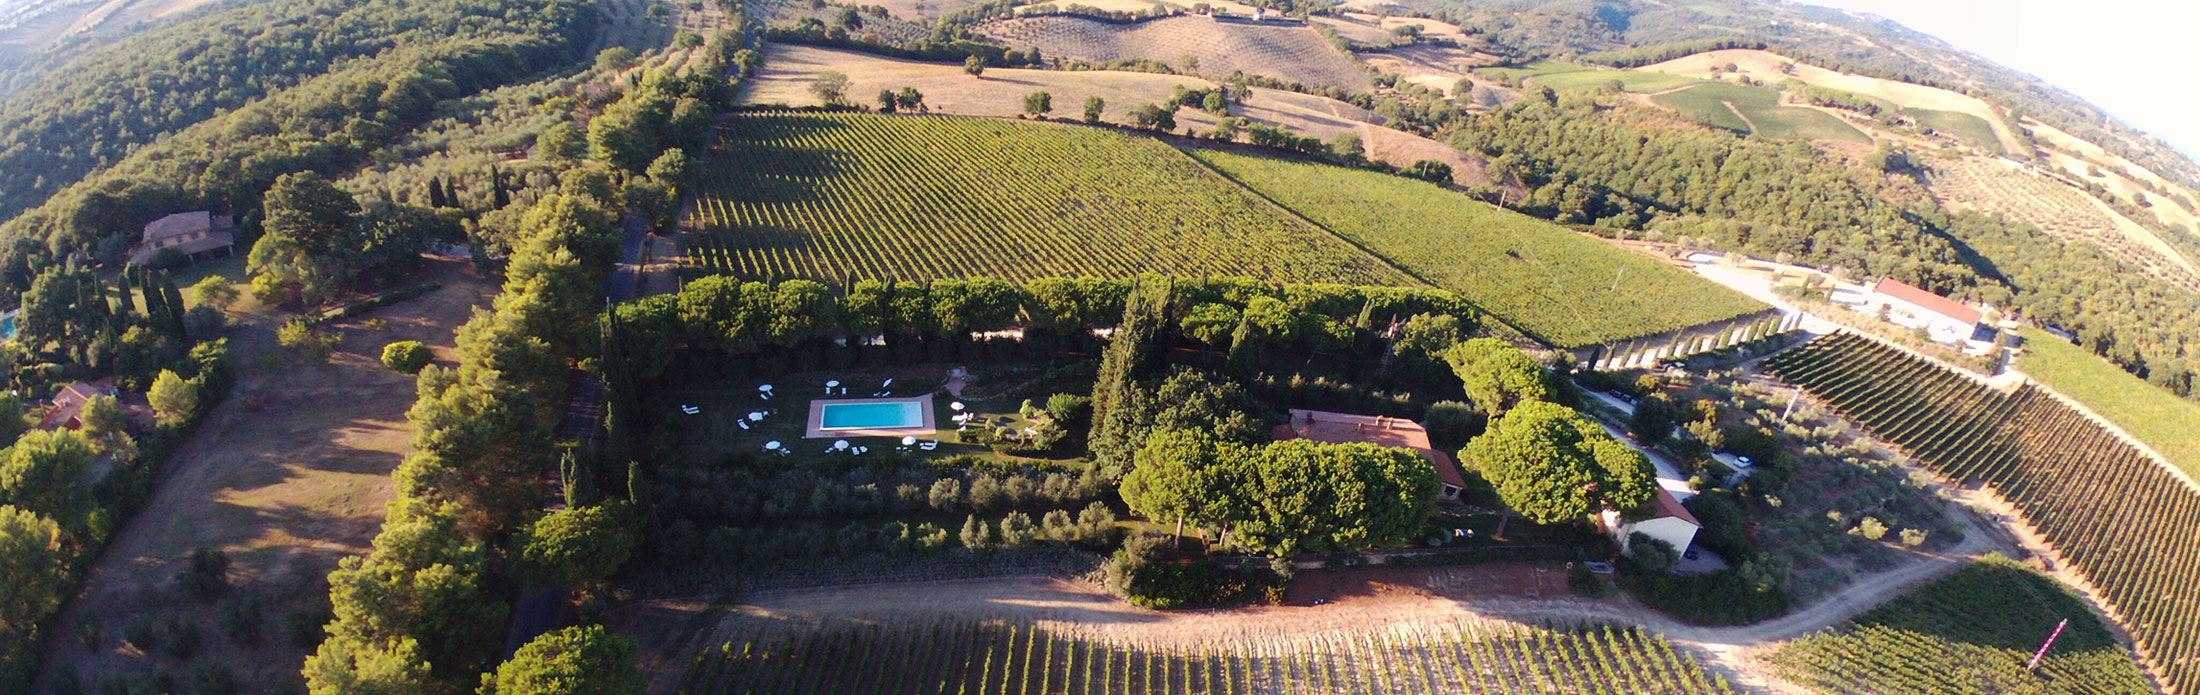 Fattoria-di-Magliano-azienda-agricola-Maremma-Toscana